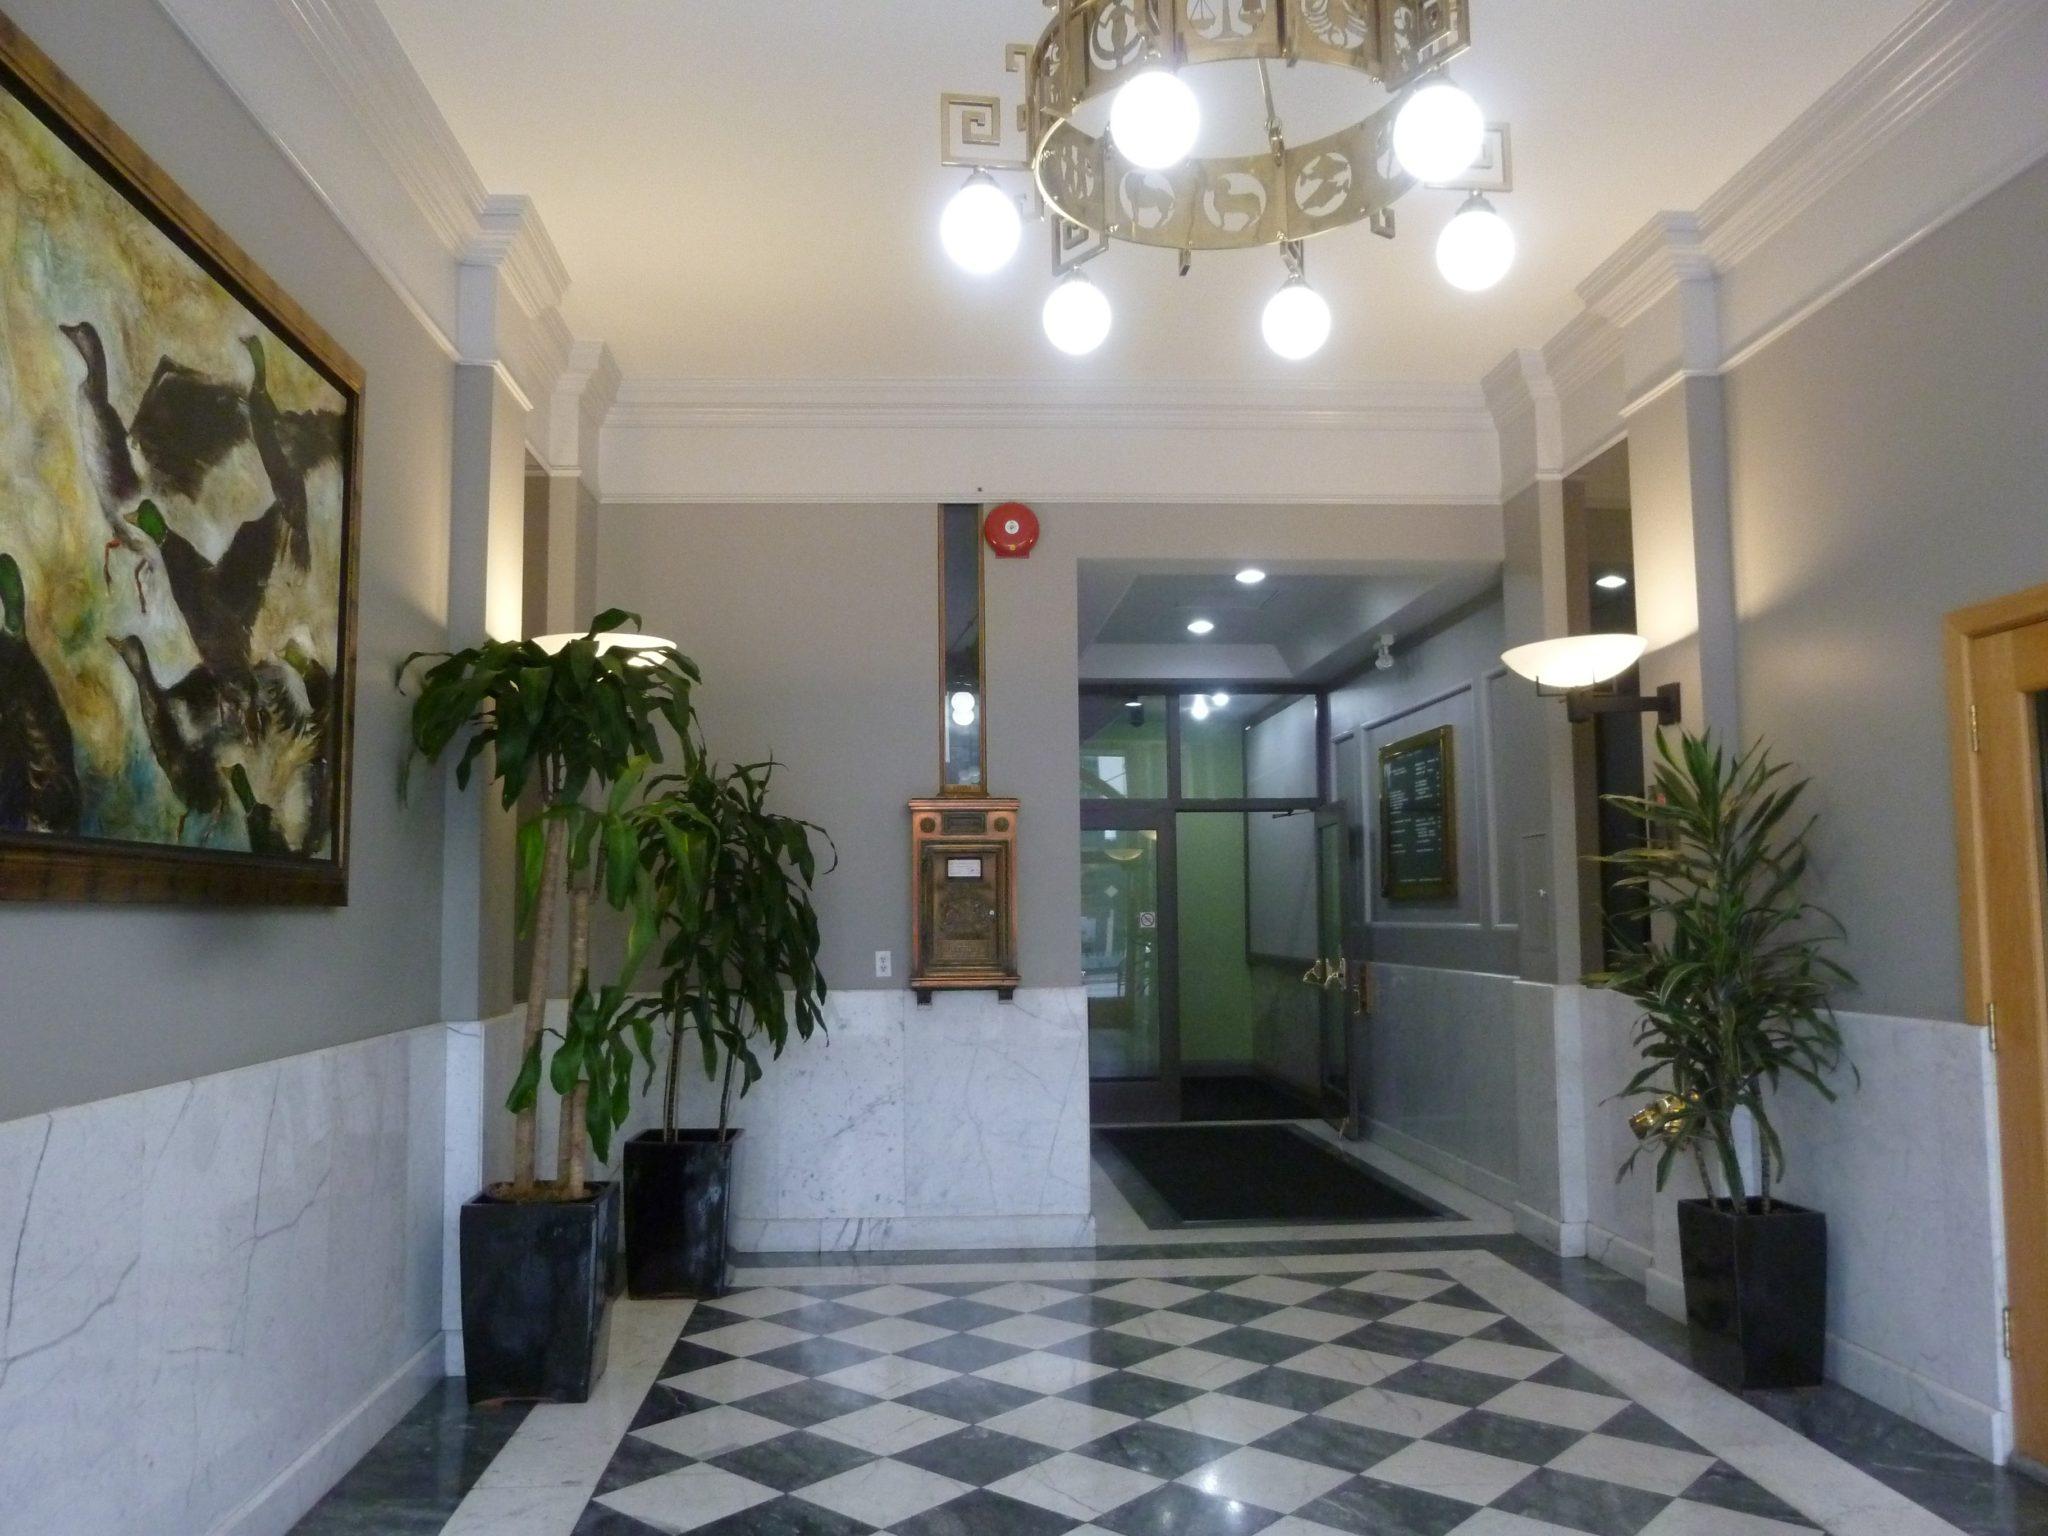 シュプラッハカフェ・ランゲージ・プラス ビクトリア校:イメージ